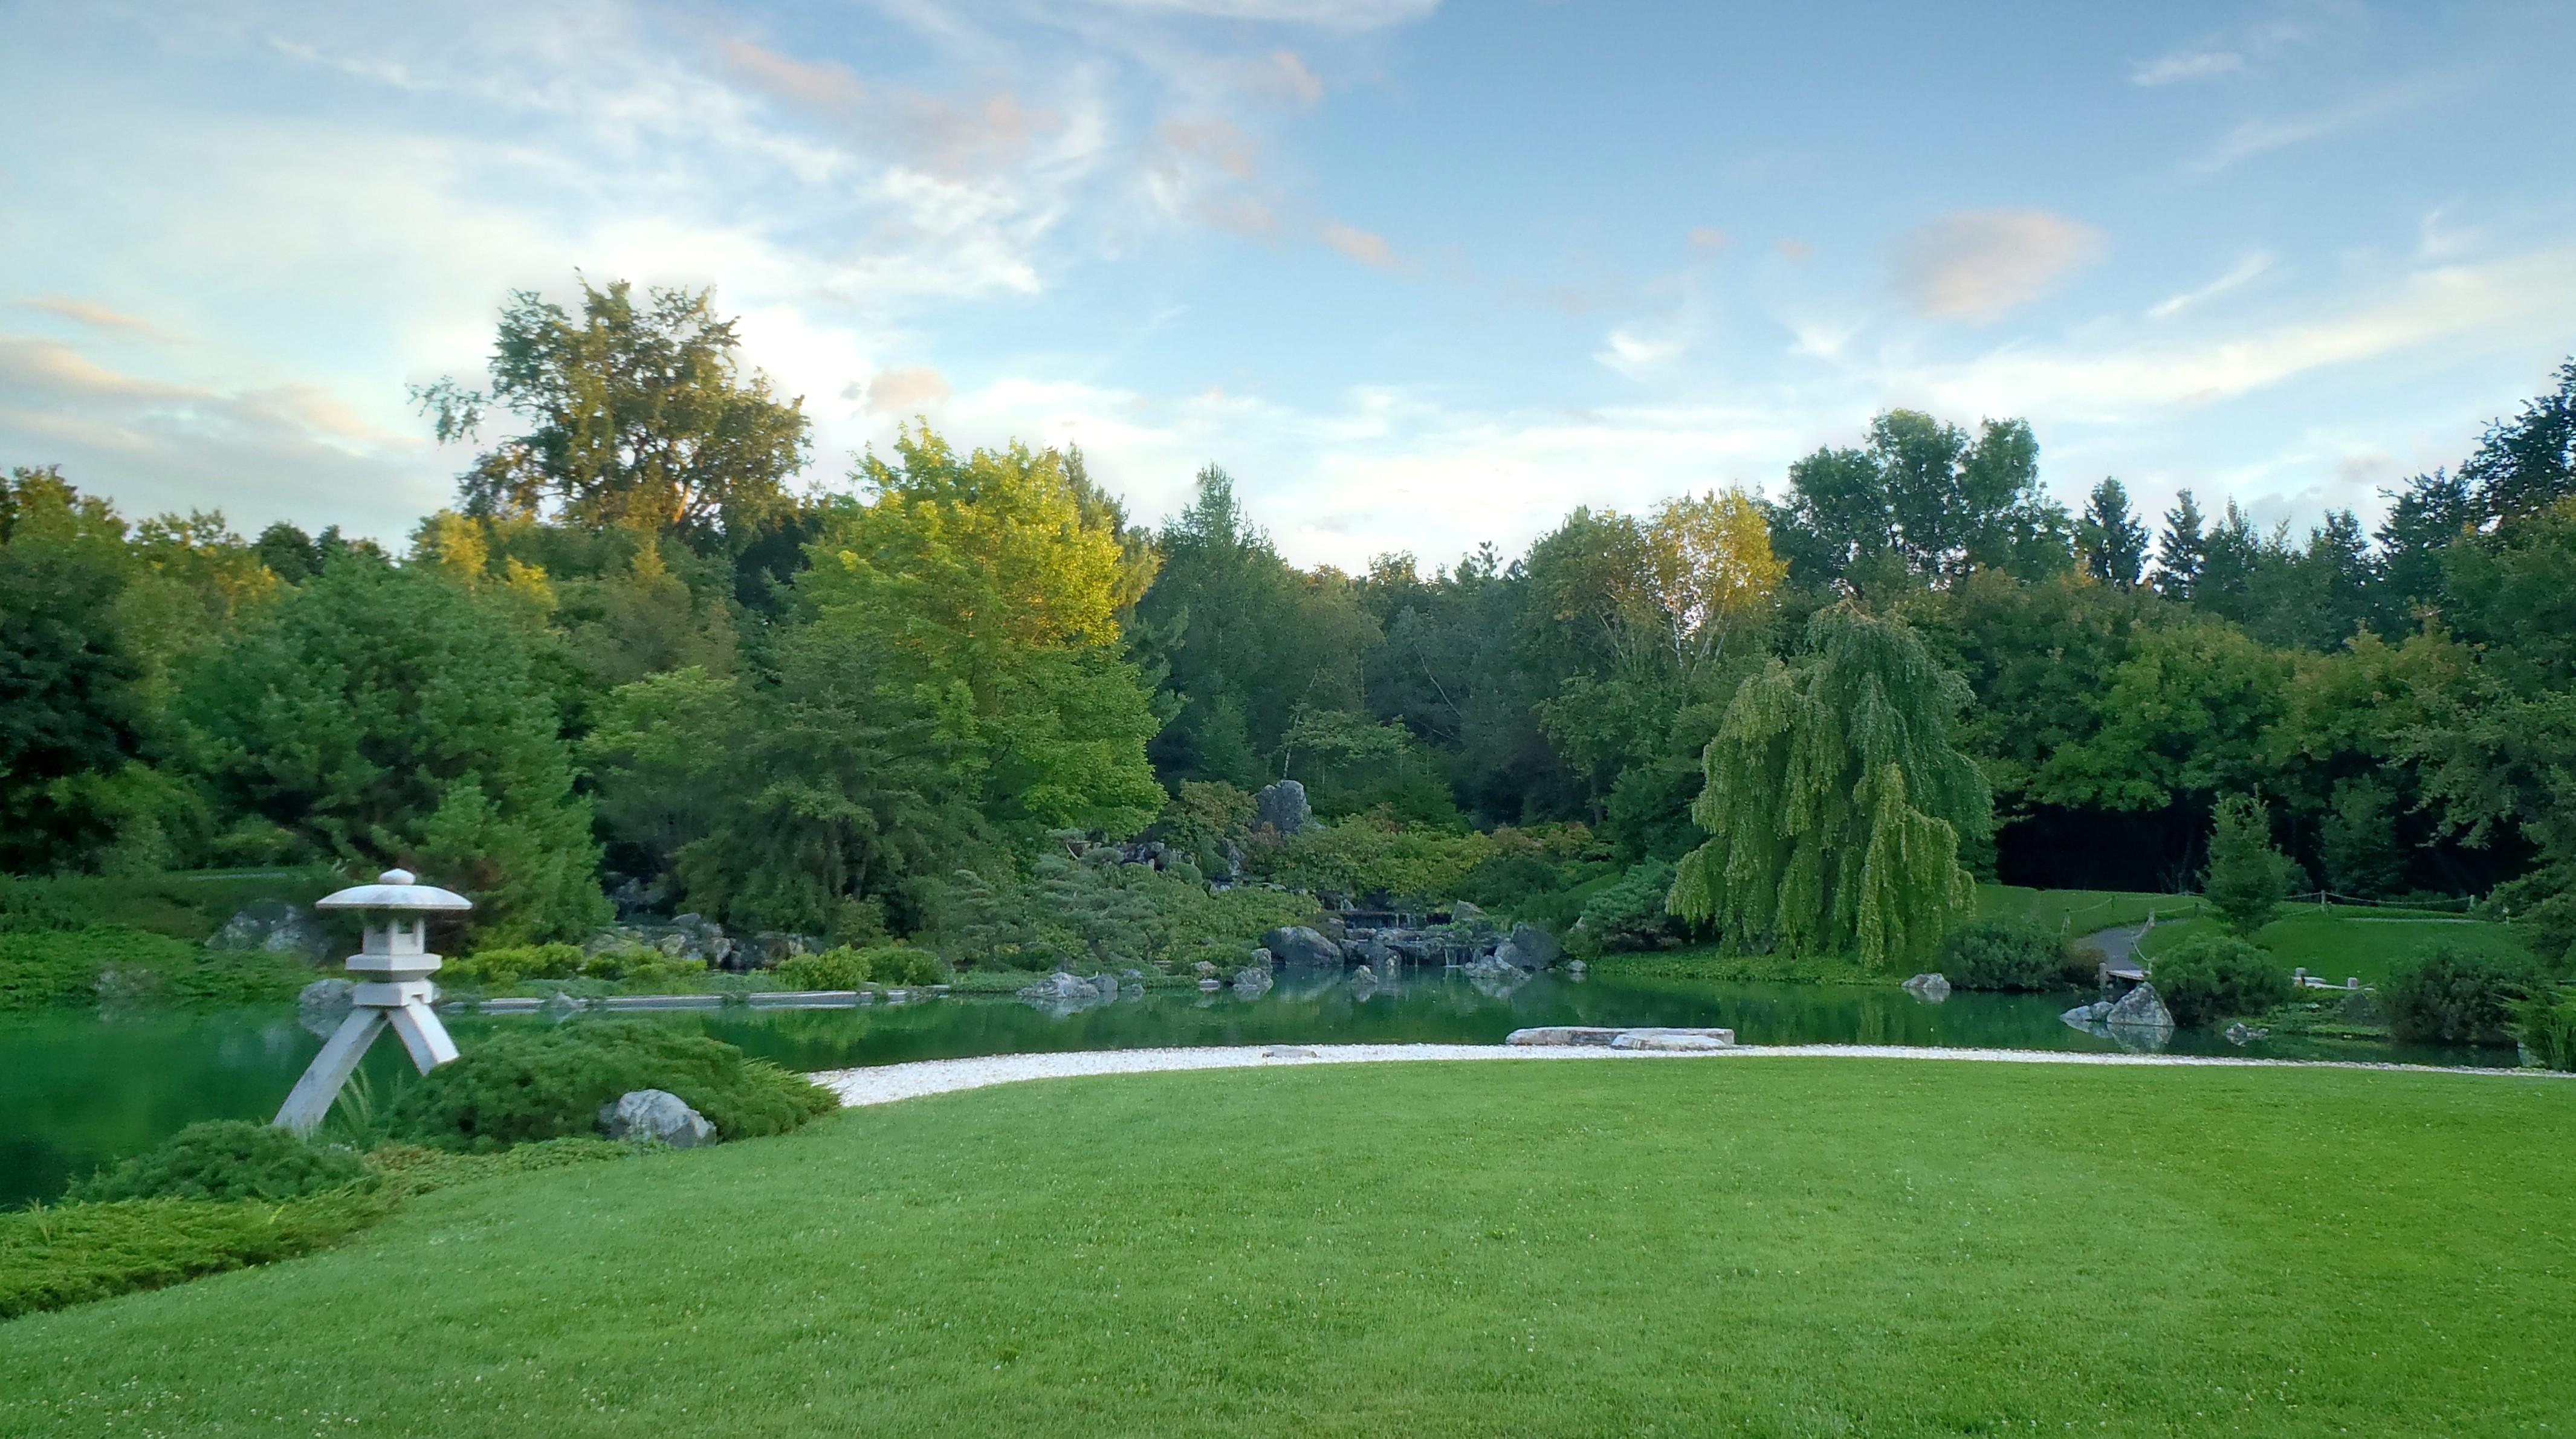 Description jardin botanique de montréal - jardin japonais 1